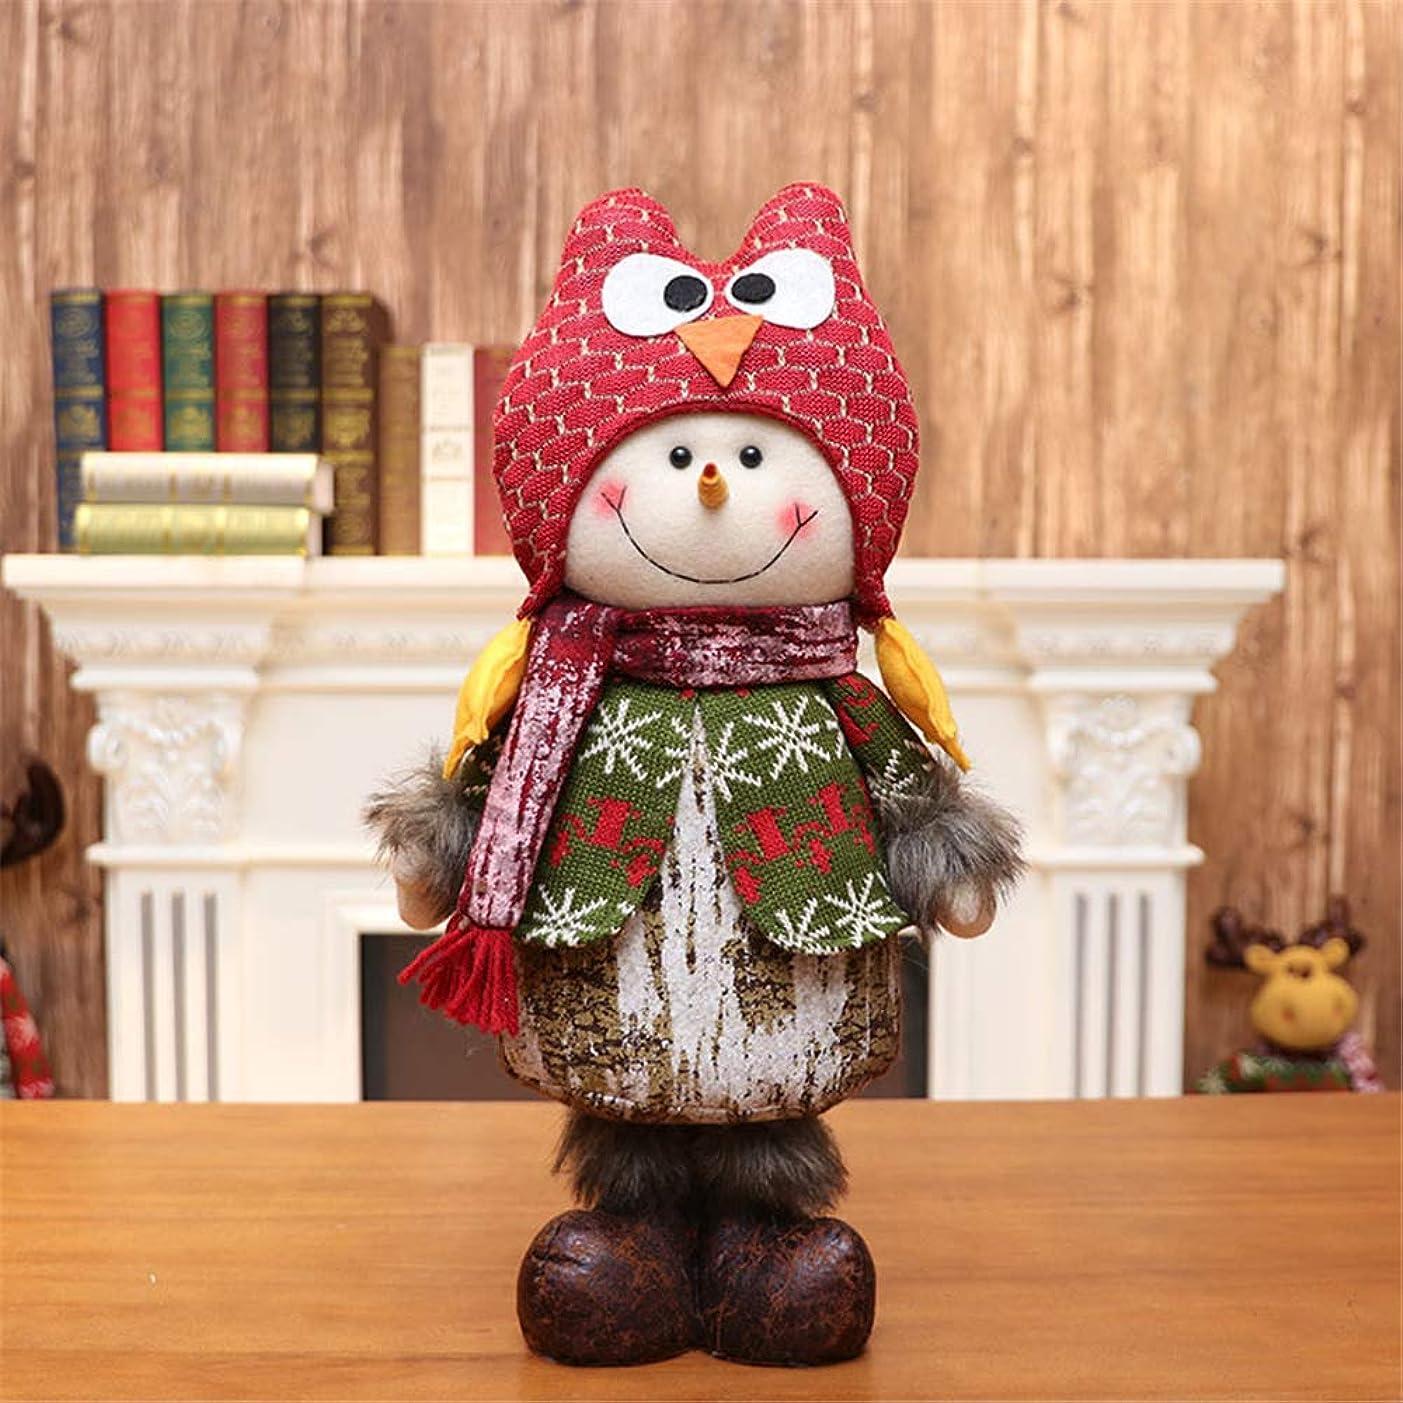 トチの実の木マウンド日記クリスマス子供のギフトギフトクリスマスショートレッグオールドマンスノーマンドールクリスマスデコレーションオーナメント、A4、画像のように